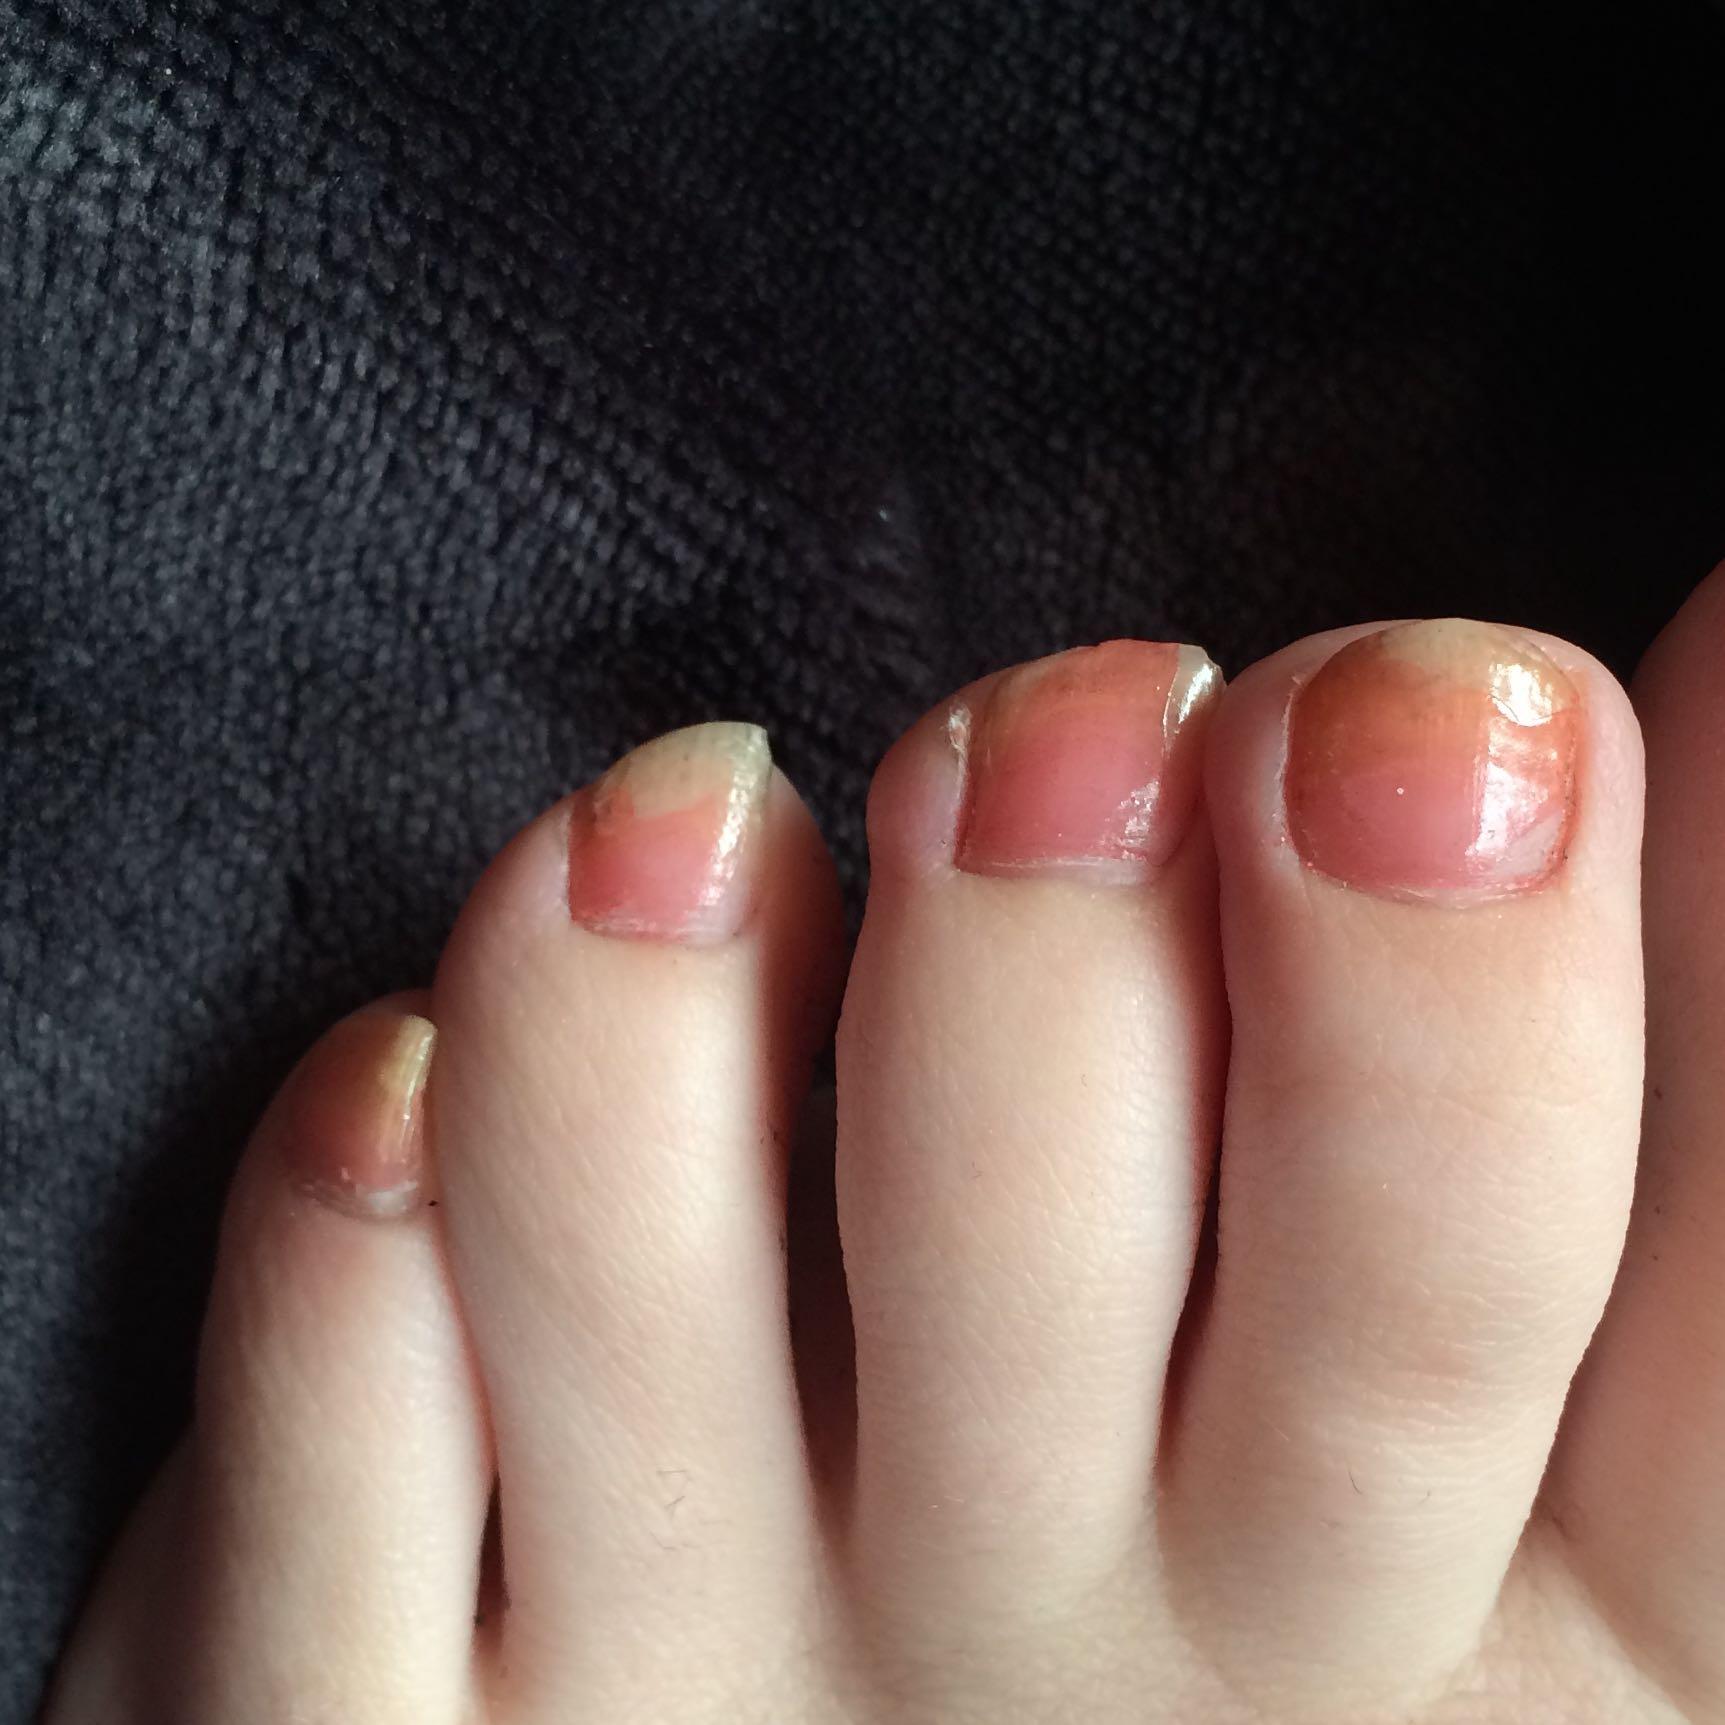 Rötliche Verfärbungen der Nägel, was ist die Ursache? (Füße, nagelpilz)